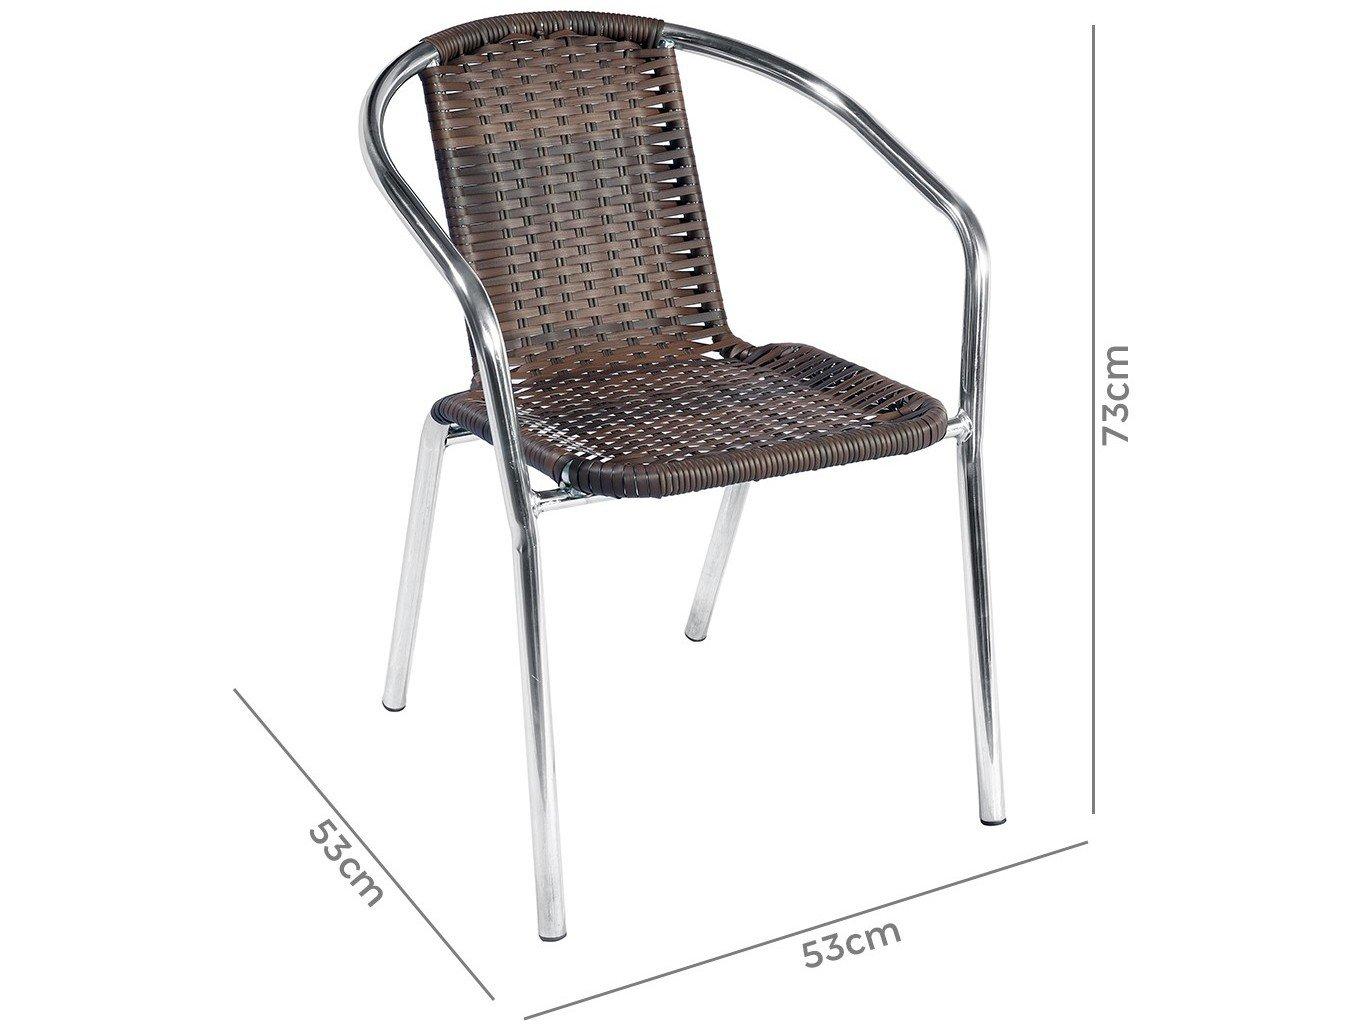 Foto 6 - Conjunto de Mesa para Área Externa Alumínio - 2 Cadeiras Alegro Móveis Angélica